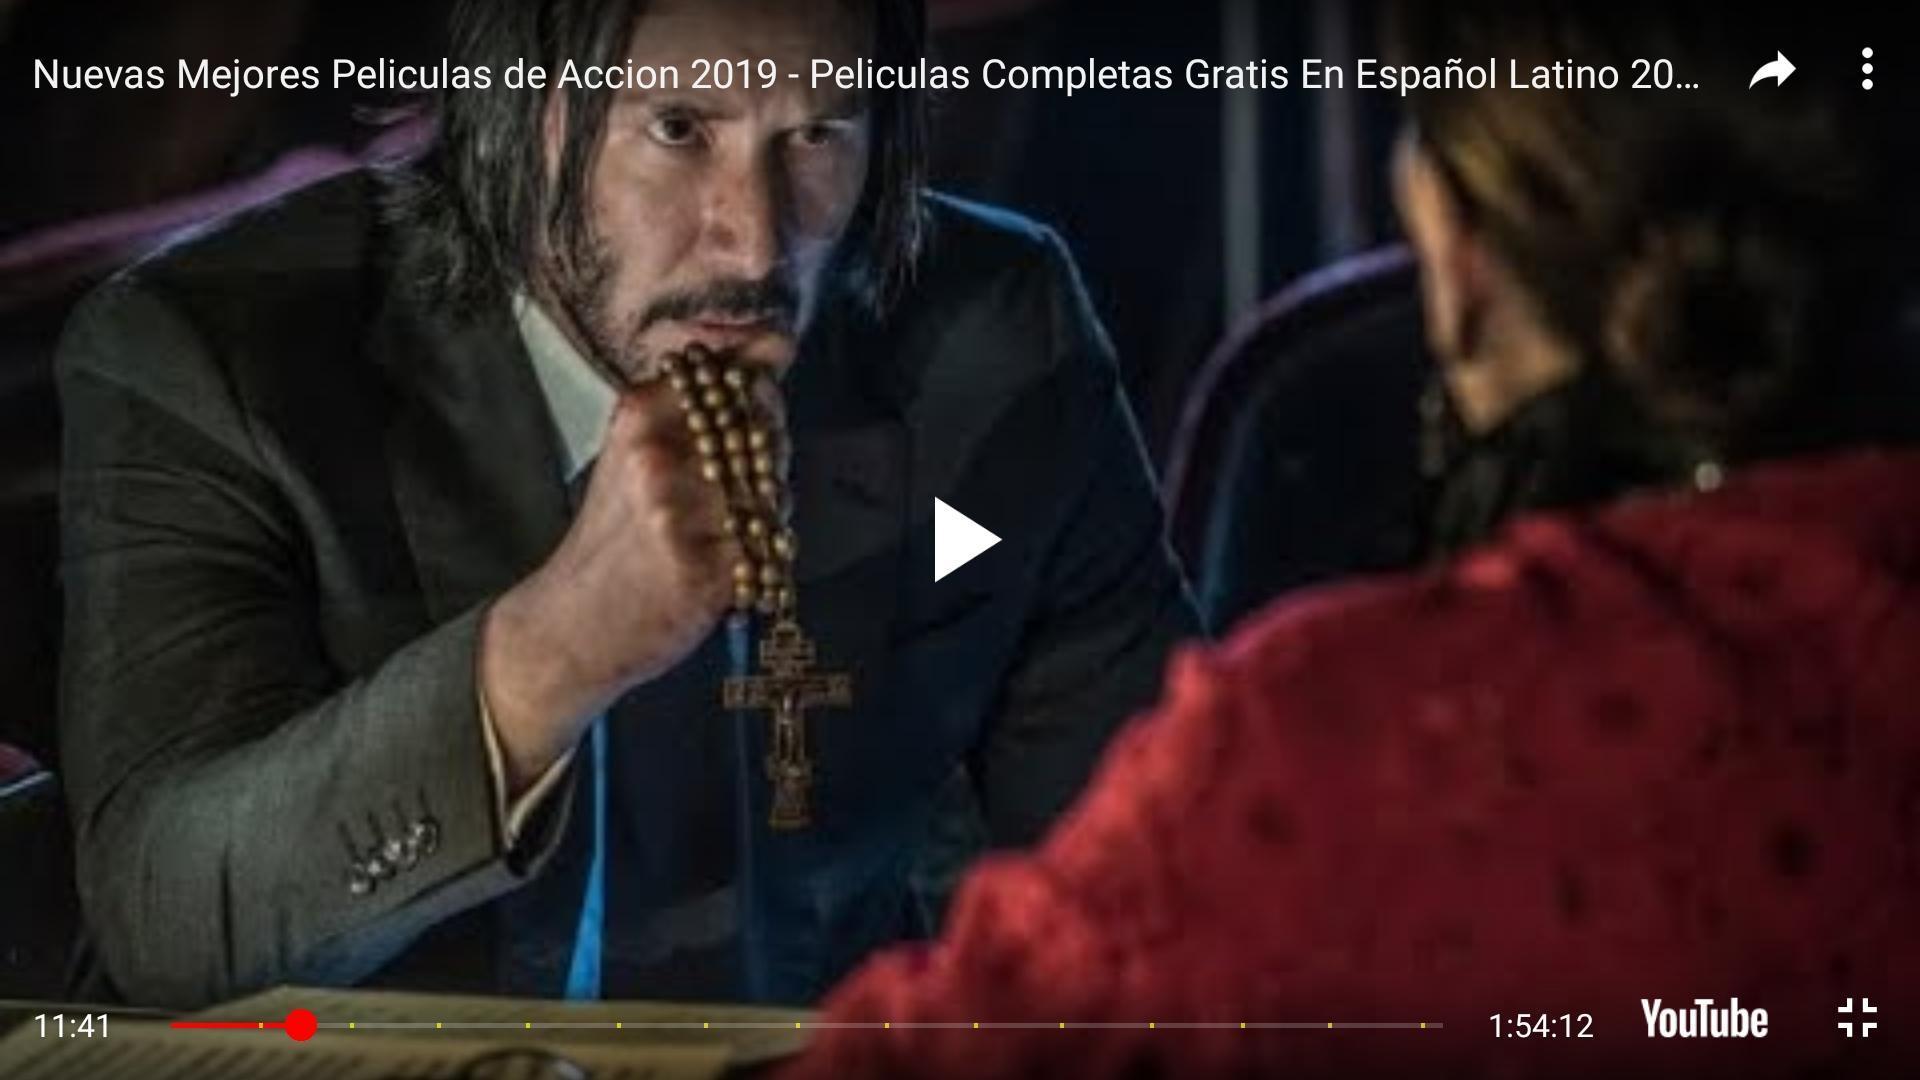 Películas Gratis En Español Latino Completas For Android Apk Download